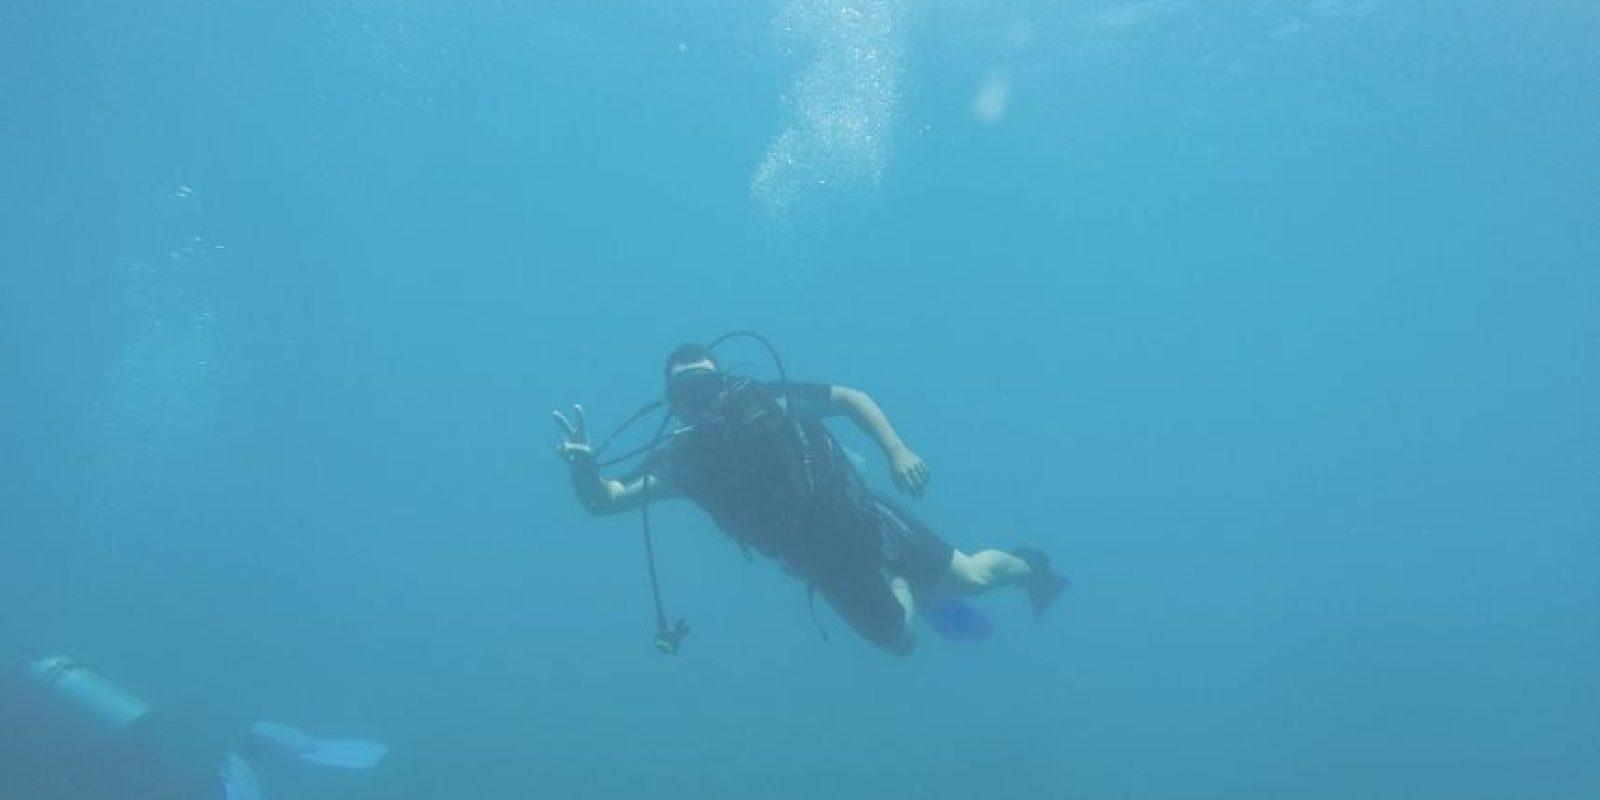 Gaby de Arriba en una aventura acuática en Montecristi. Foto: Freddy Dominguez